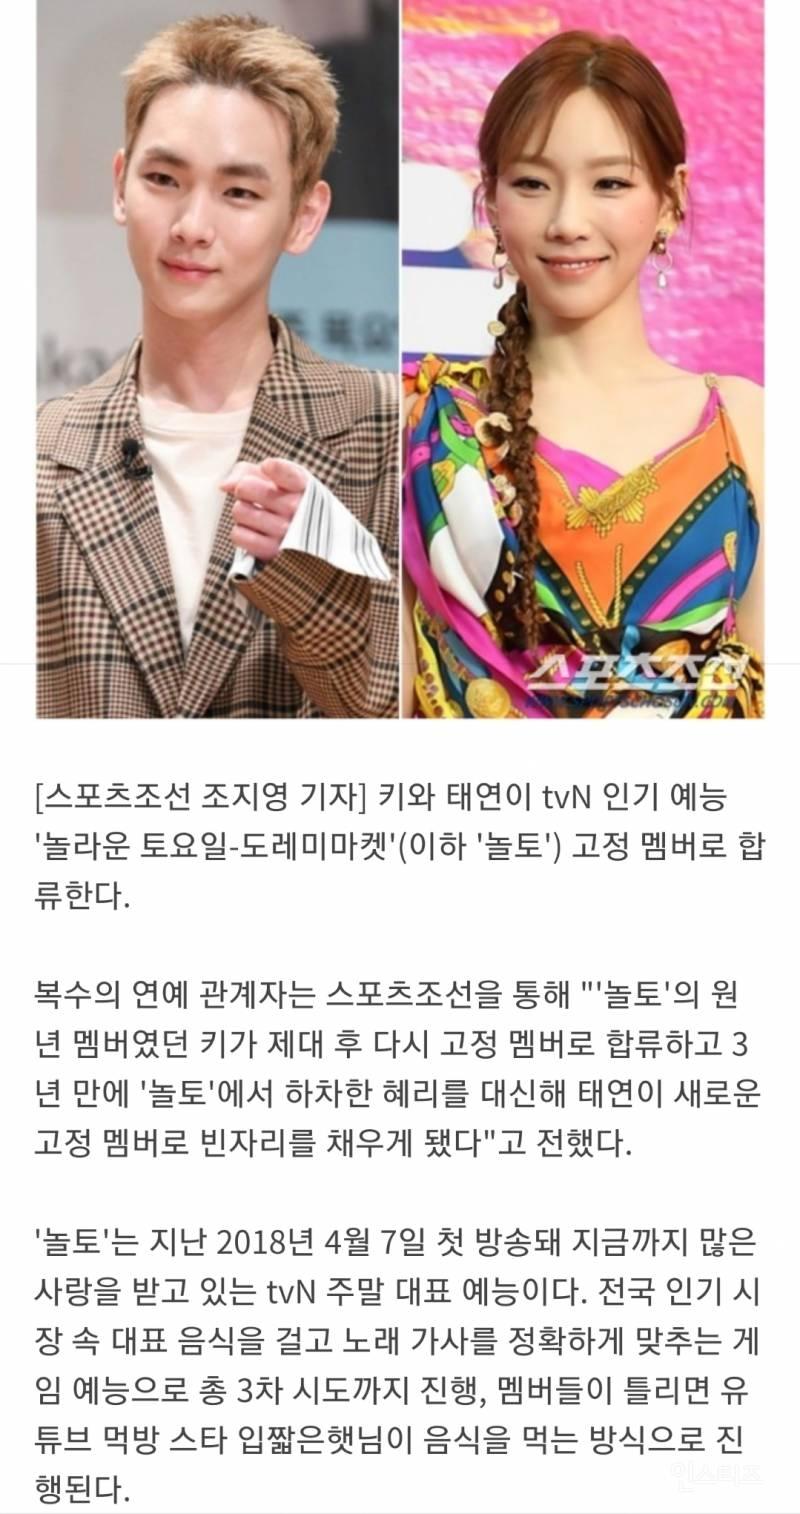 [단독] 키X태연, '놀토-도레미마켓' 고정 멤버 합류..혜리 빈자리 채운다 | 인스티즈